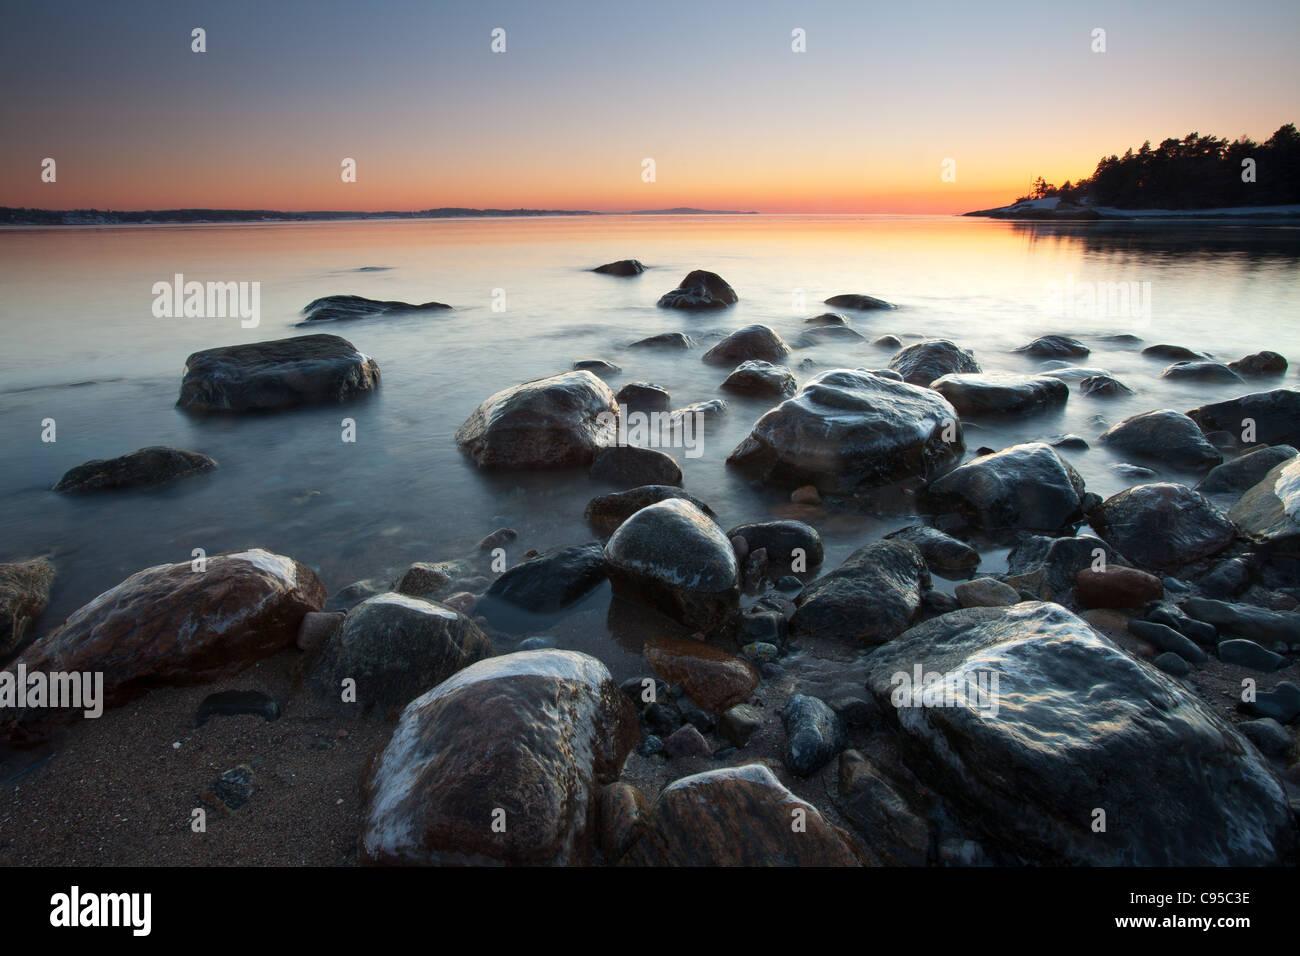 Coastal landscape at dusk at Oven in Råde kommune, Østfold fylke, Norway. - Stock Image